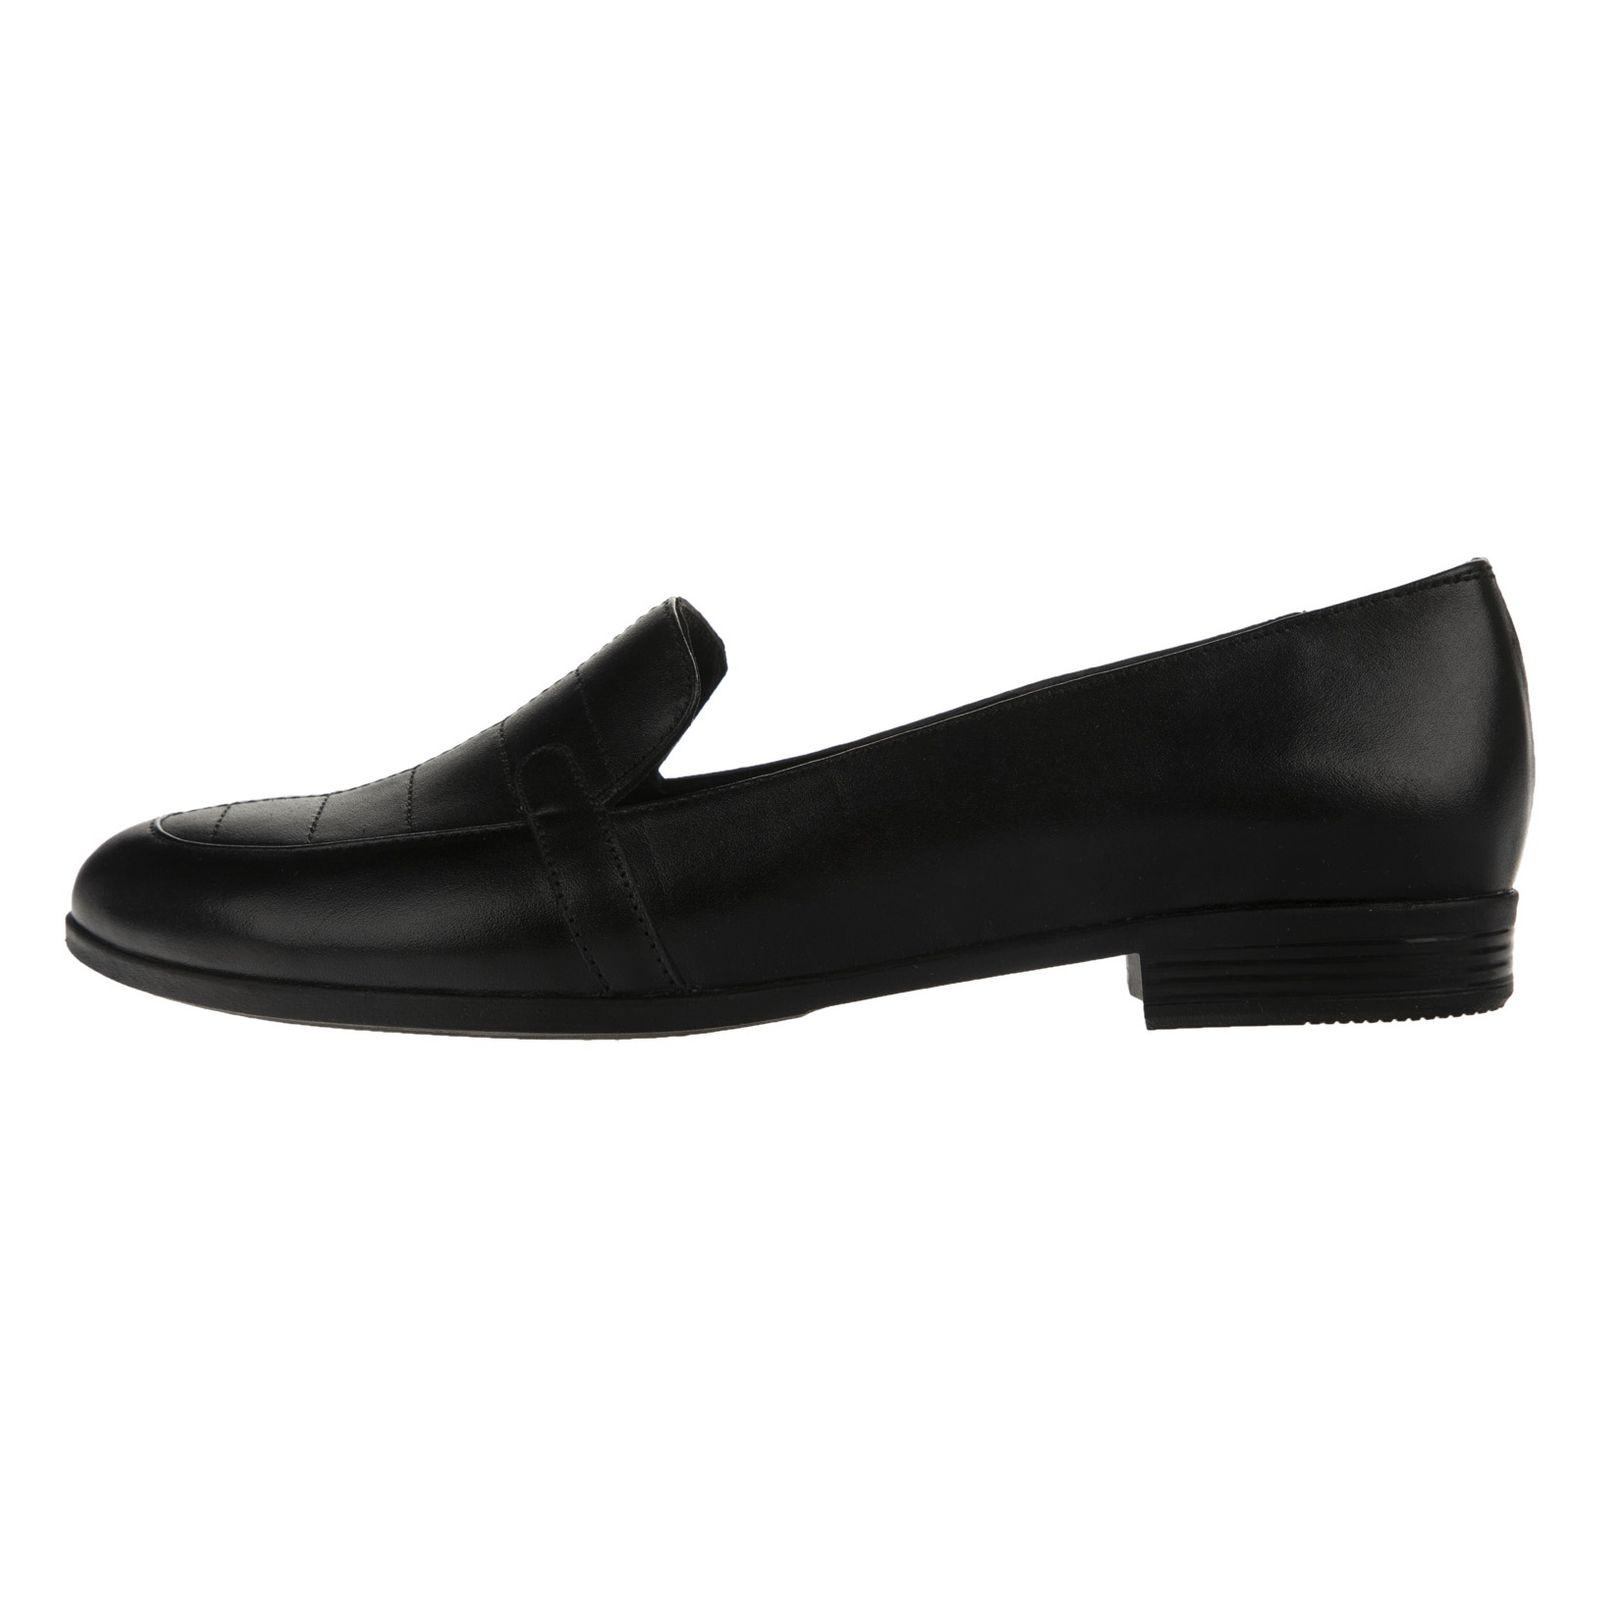 کفش زنانه شیفر مدل 5263A-101 -  - 3